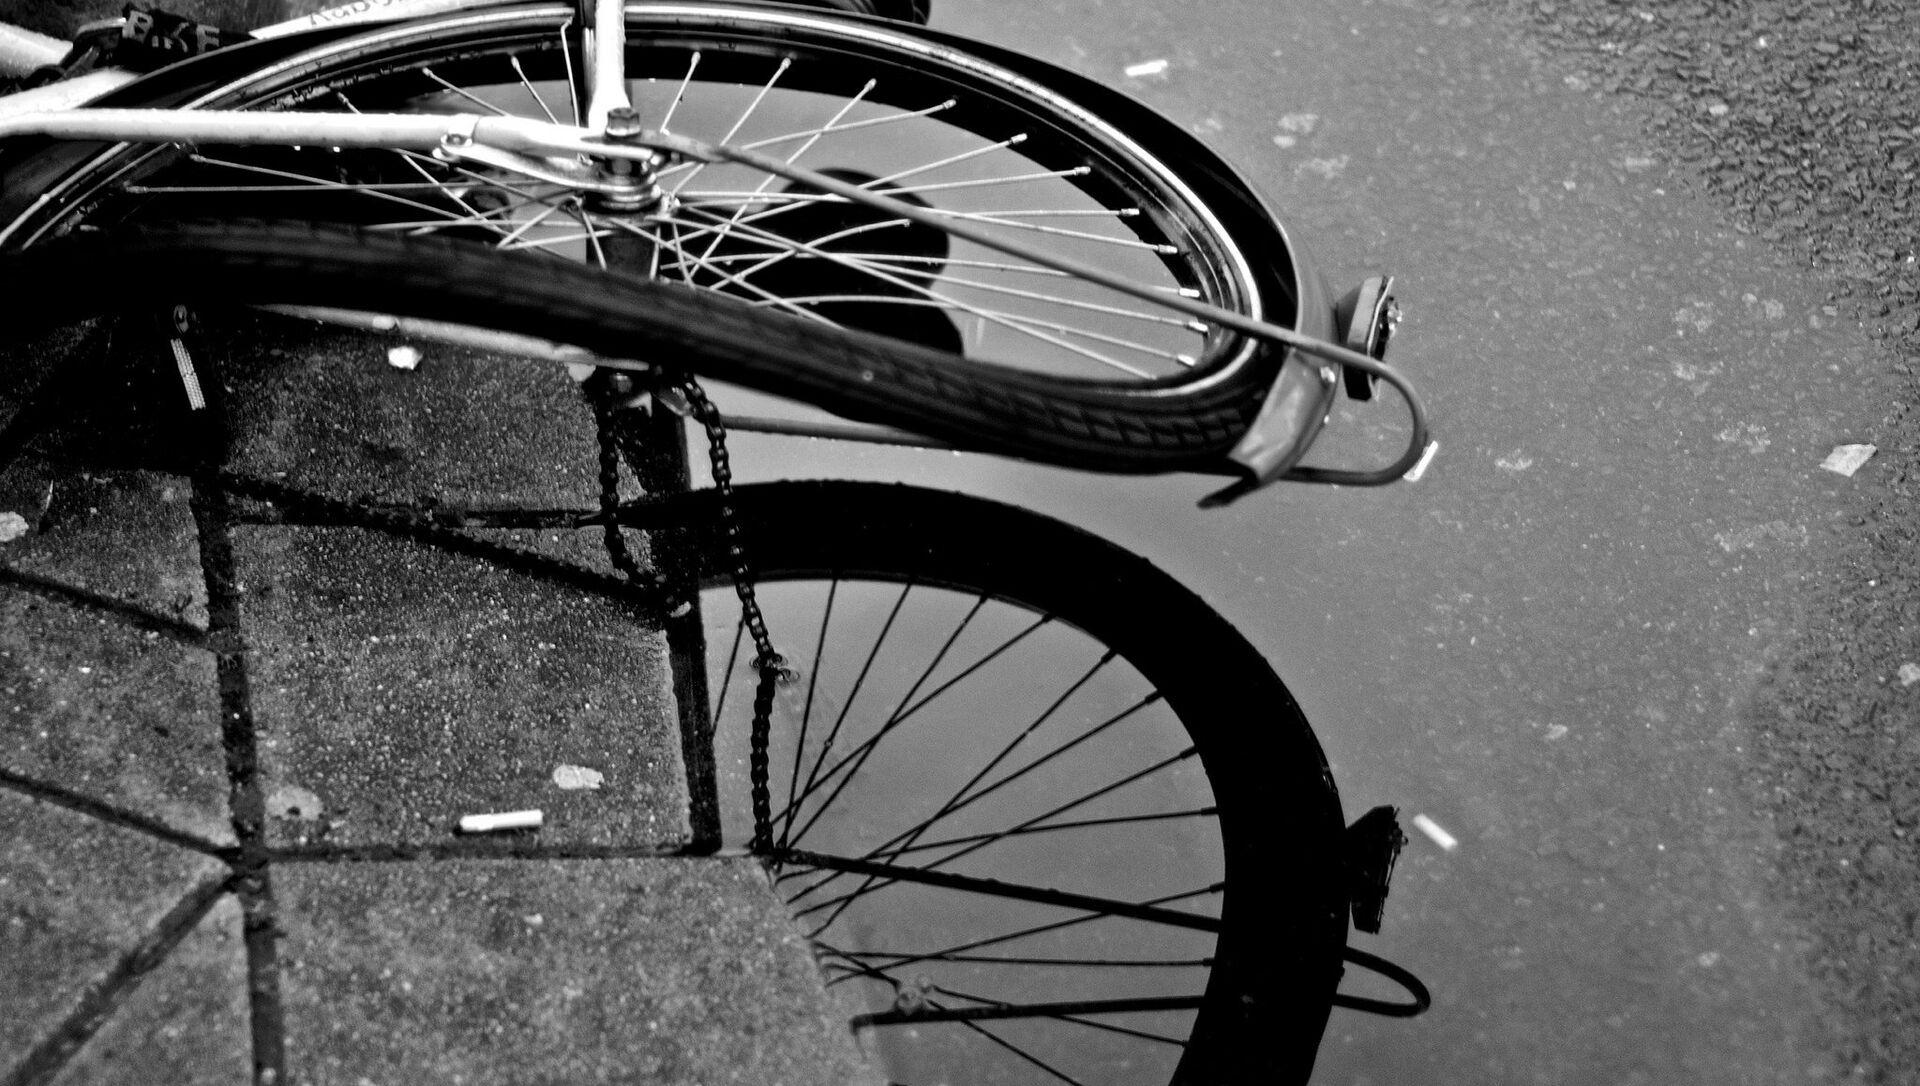 Разбитый велосипед - Sputnik Беларусь, 1920, 26.04.2021